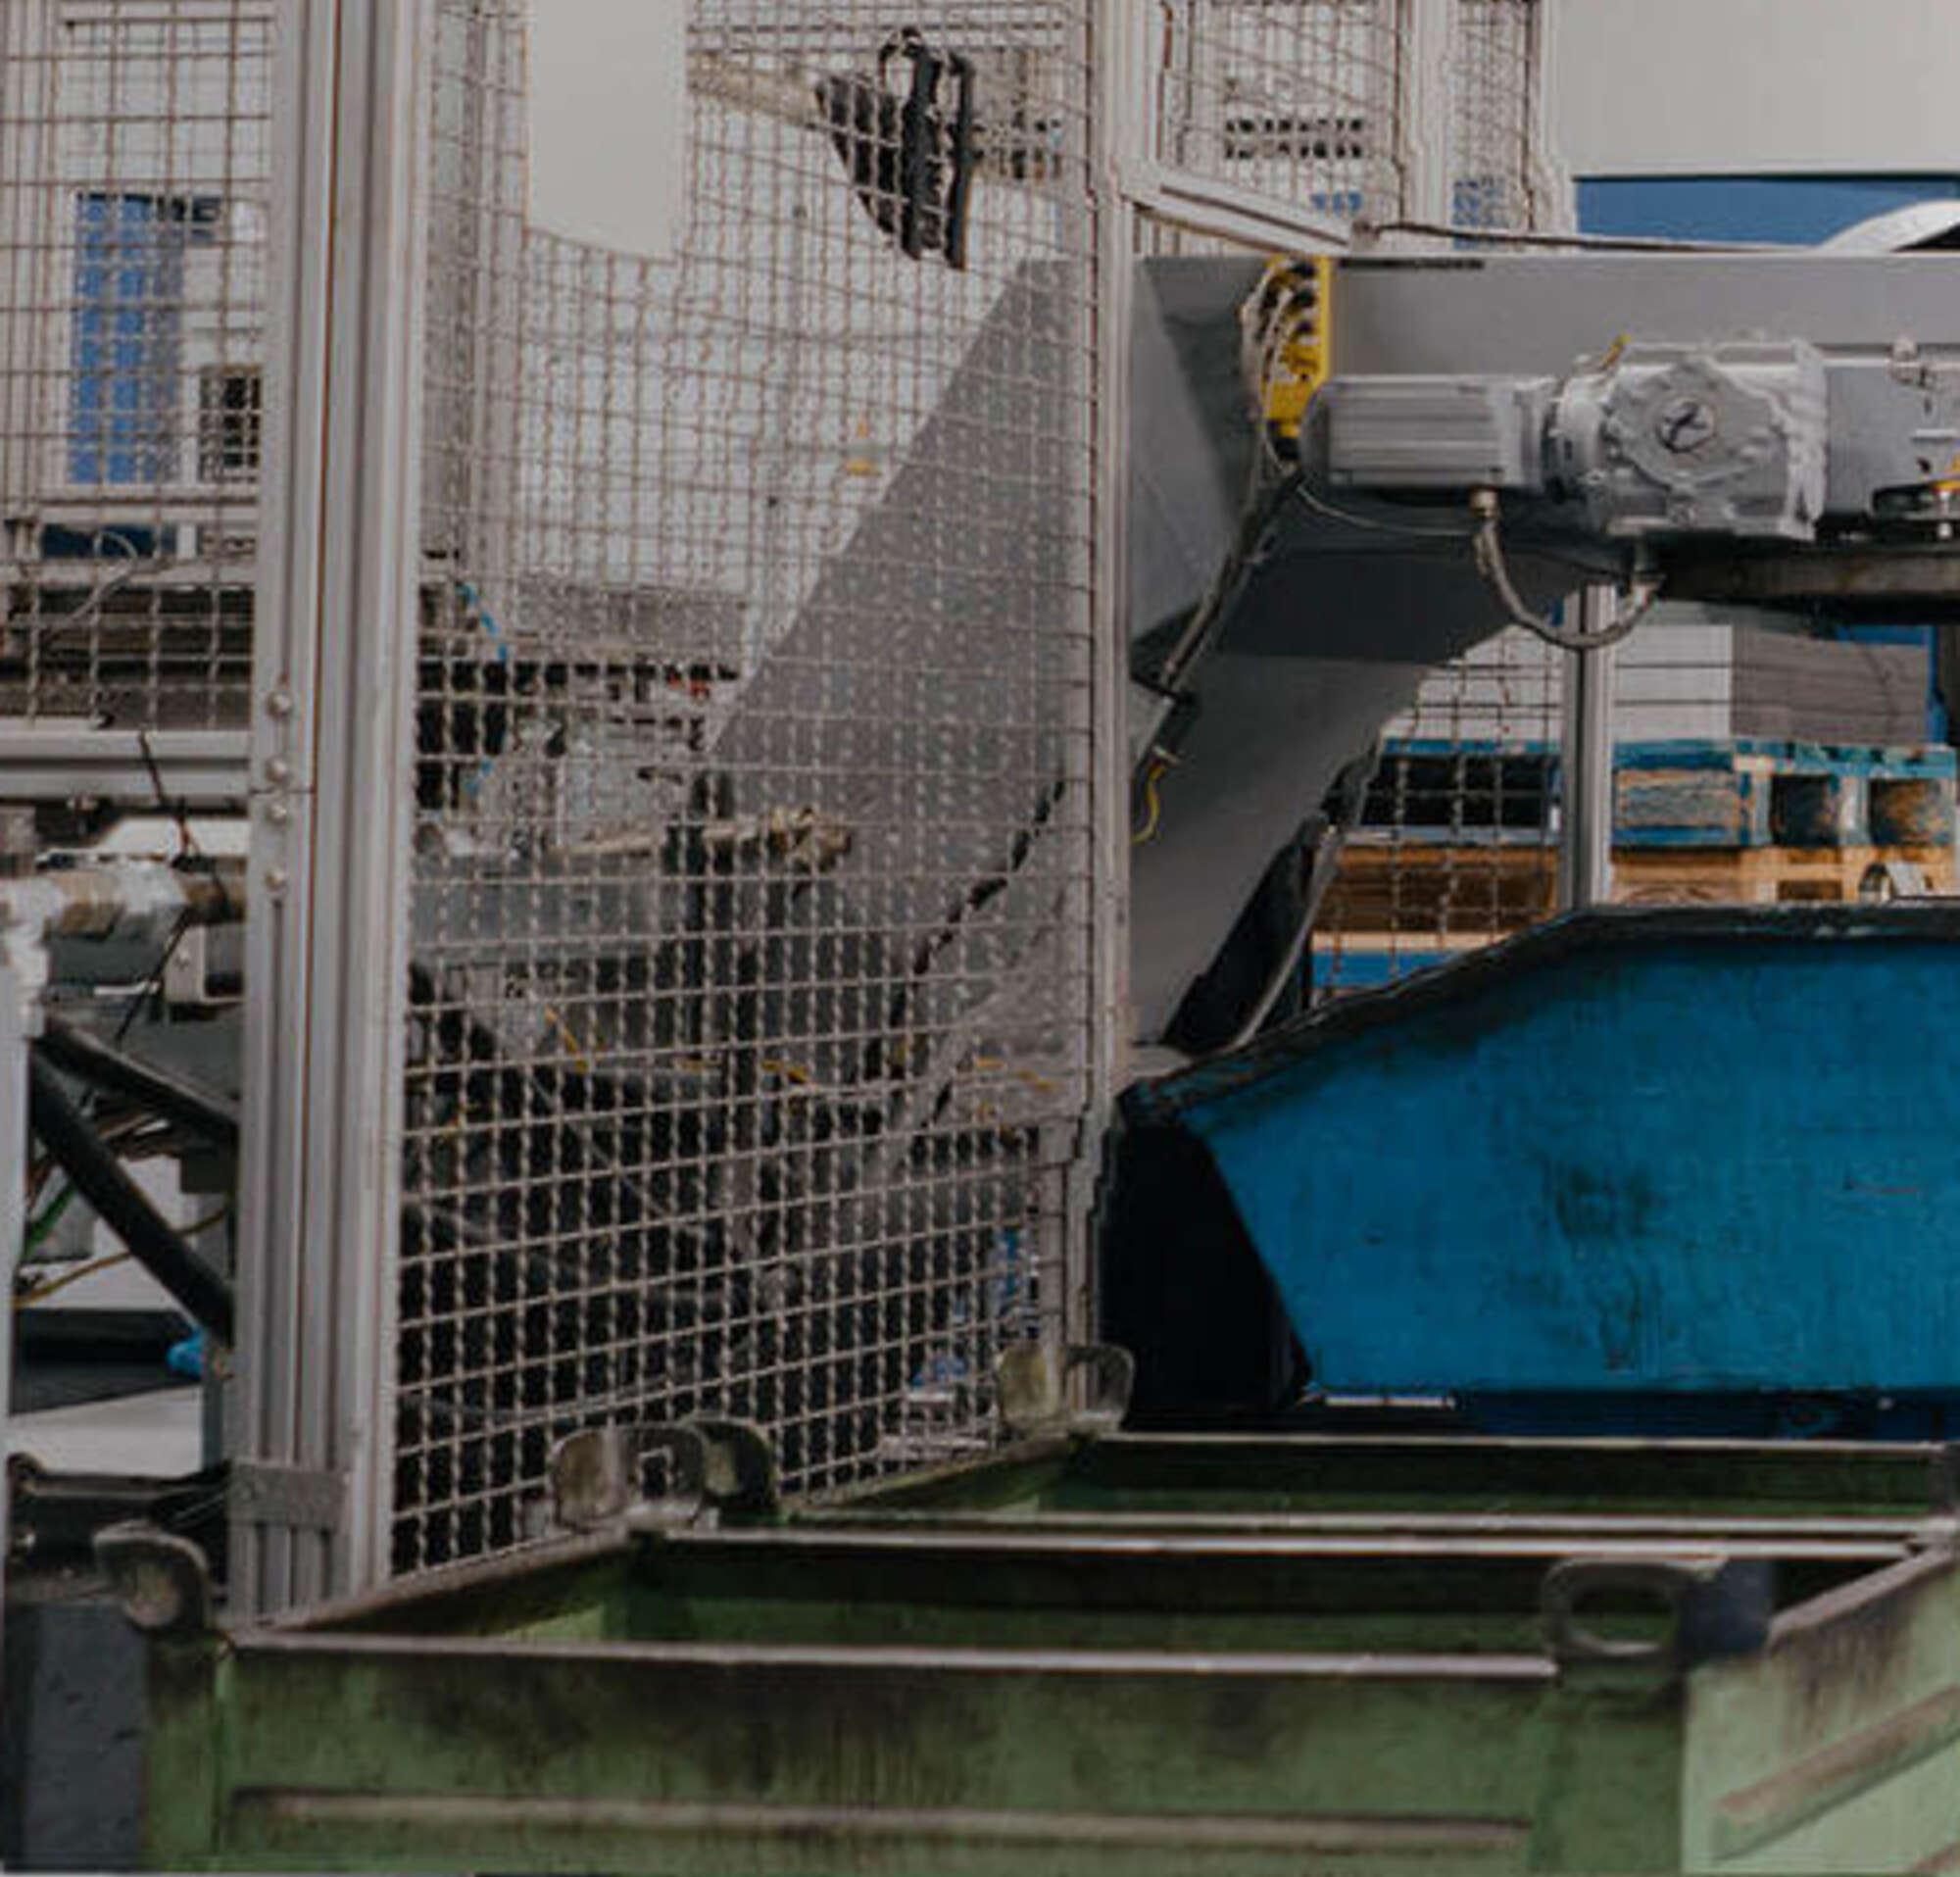 Un homme en costume et un ouvrier entre dans une usine avec de grosses machines.